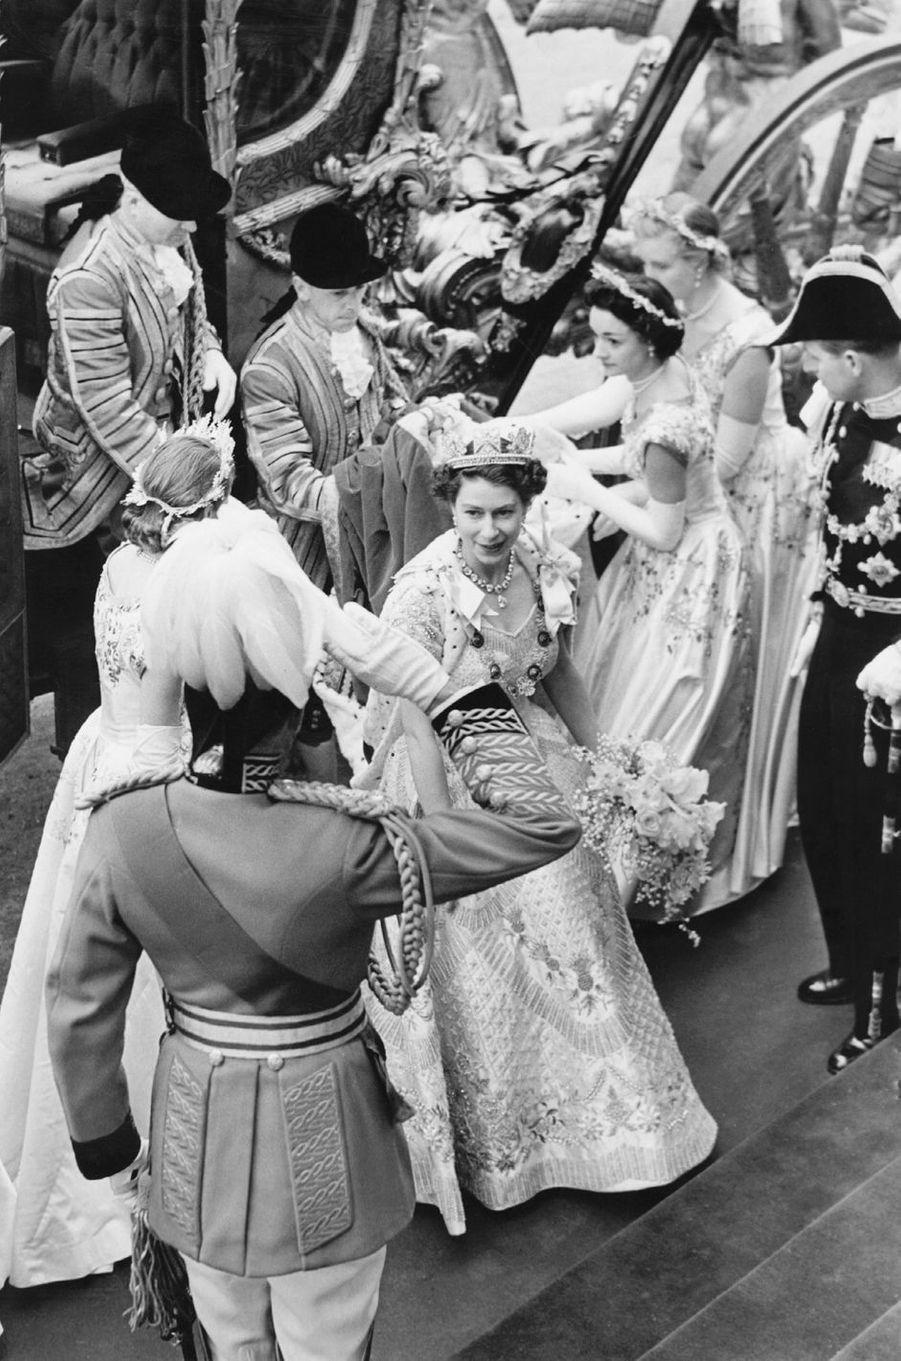 Le bouquet de fleurs de la reine Elizabeth II, le jour de son couronnement, le 2 juin 1953